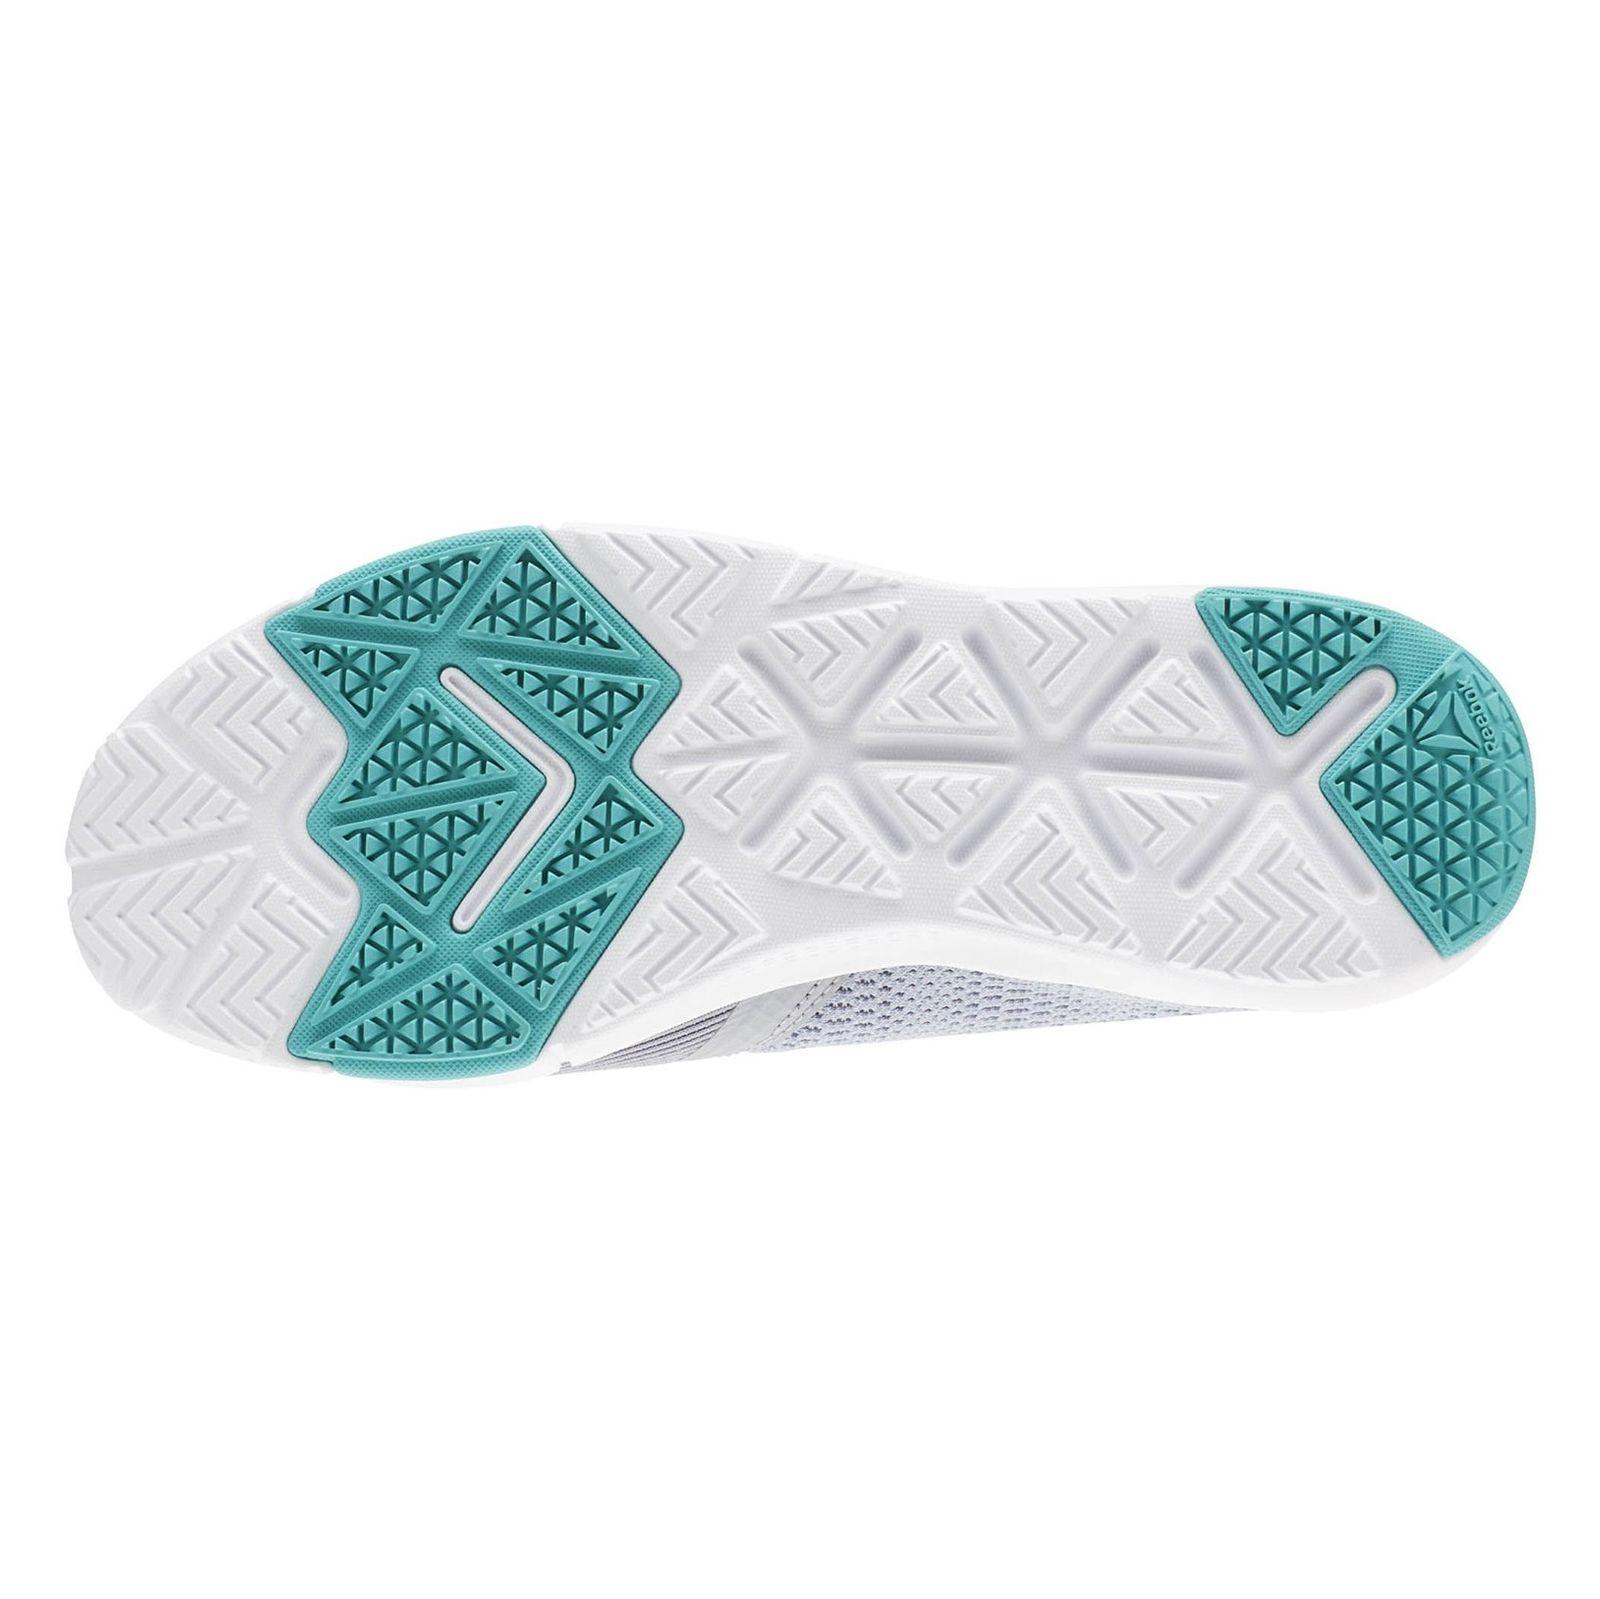 کفش تمرین زنانه Reebok Flexile - ریباک - طوسی - 2